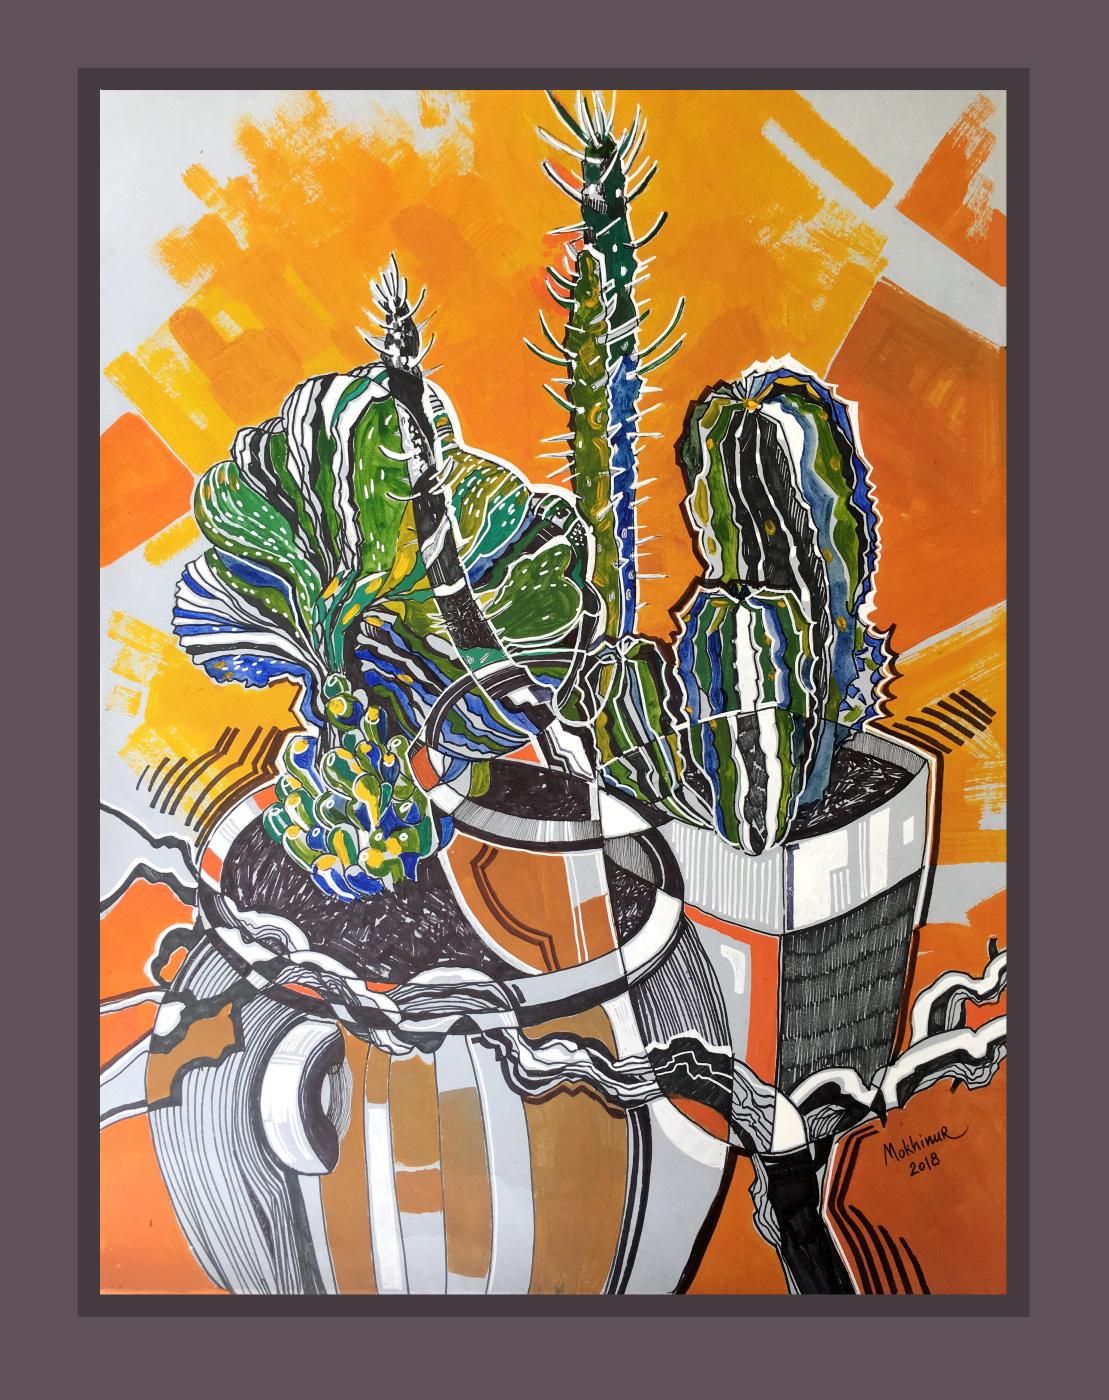 Mokhinur Maksumova. Cactuses